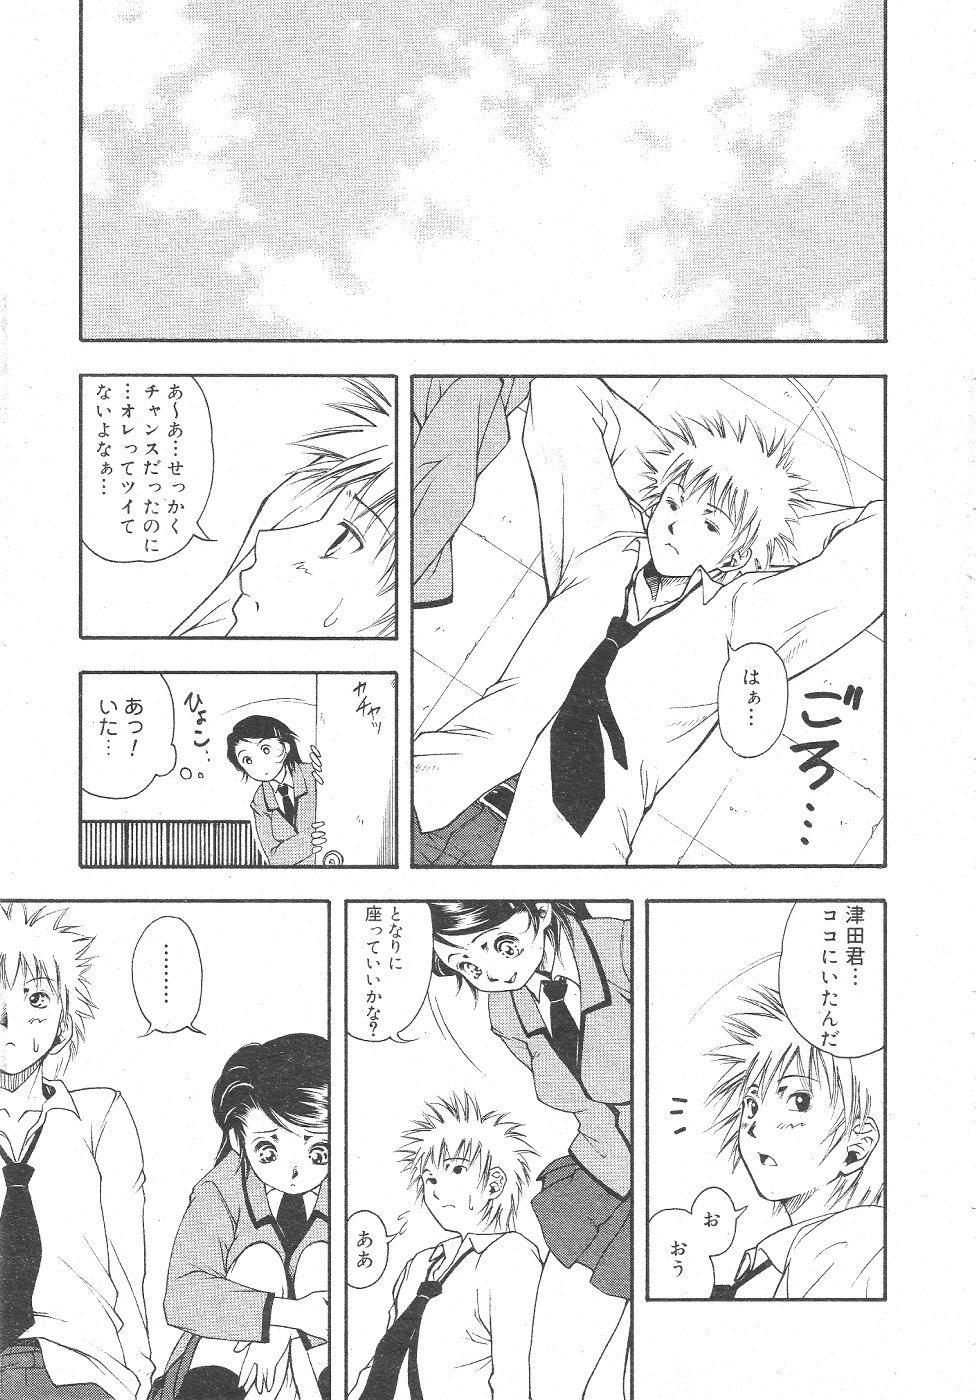 Gekkan Comic Muga 2004-06 Vol.10 14